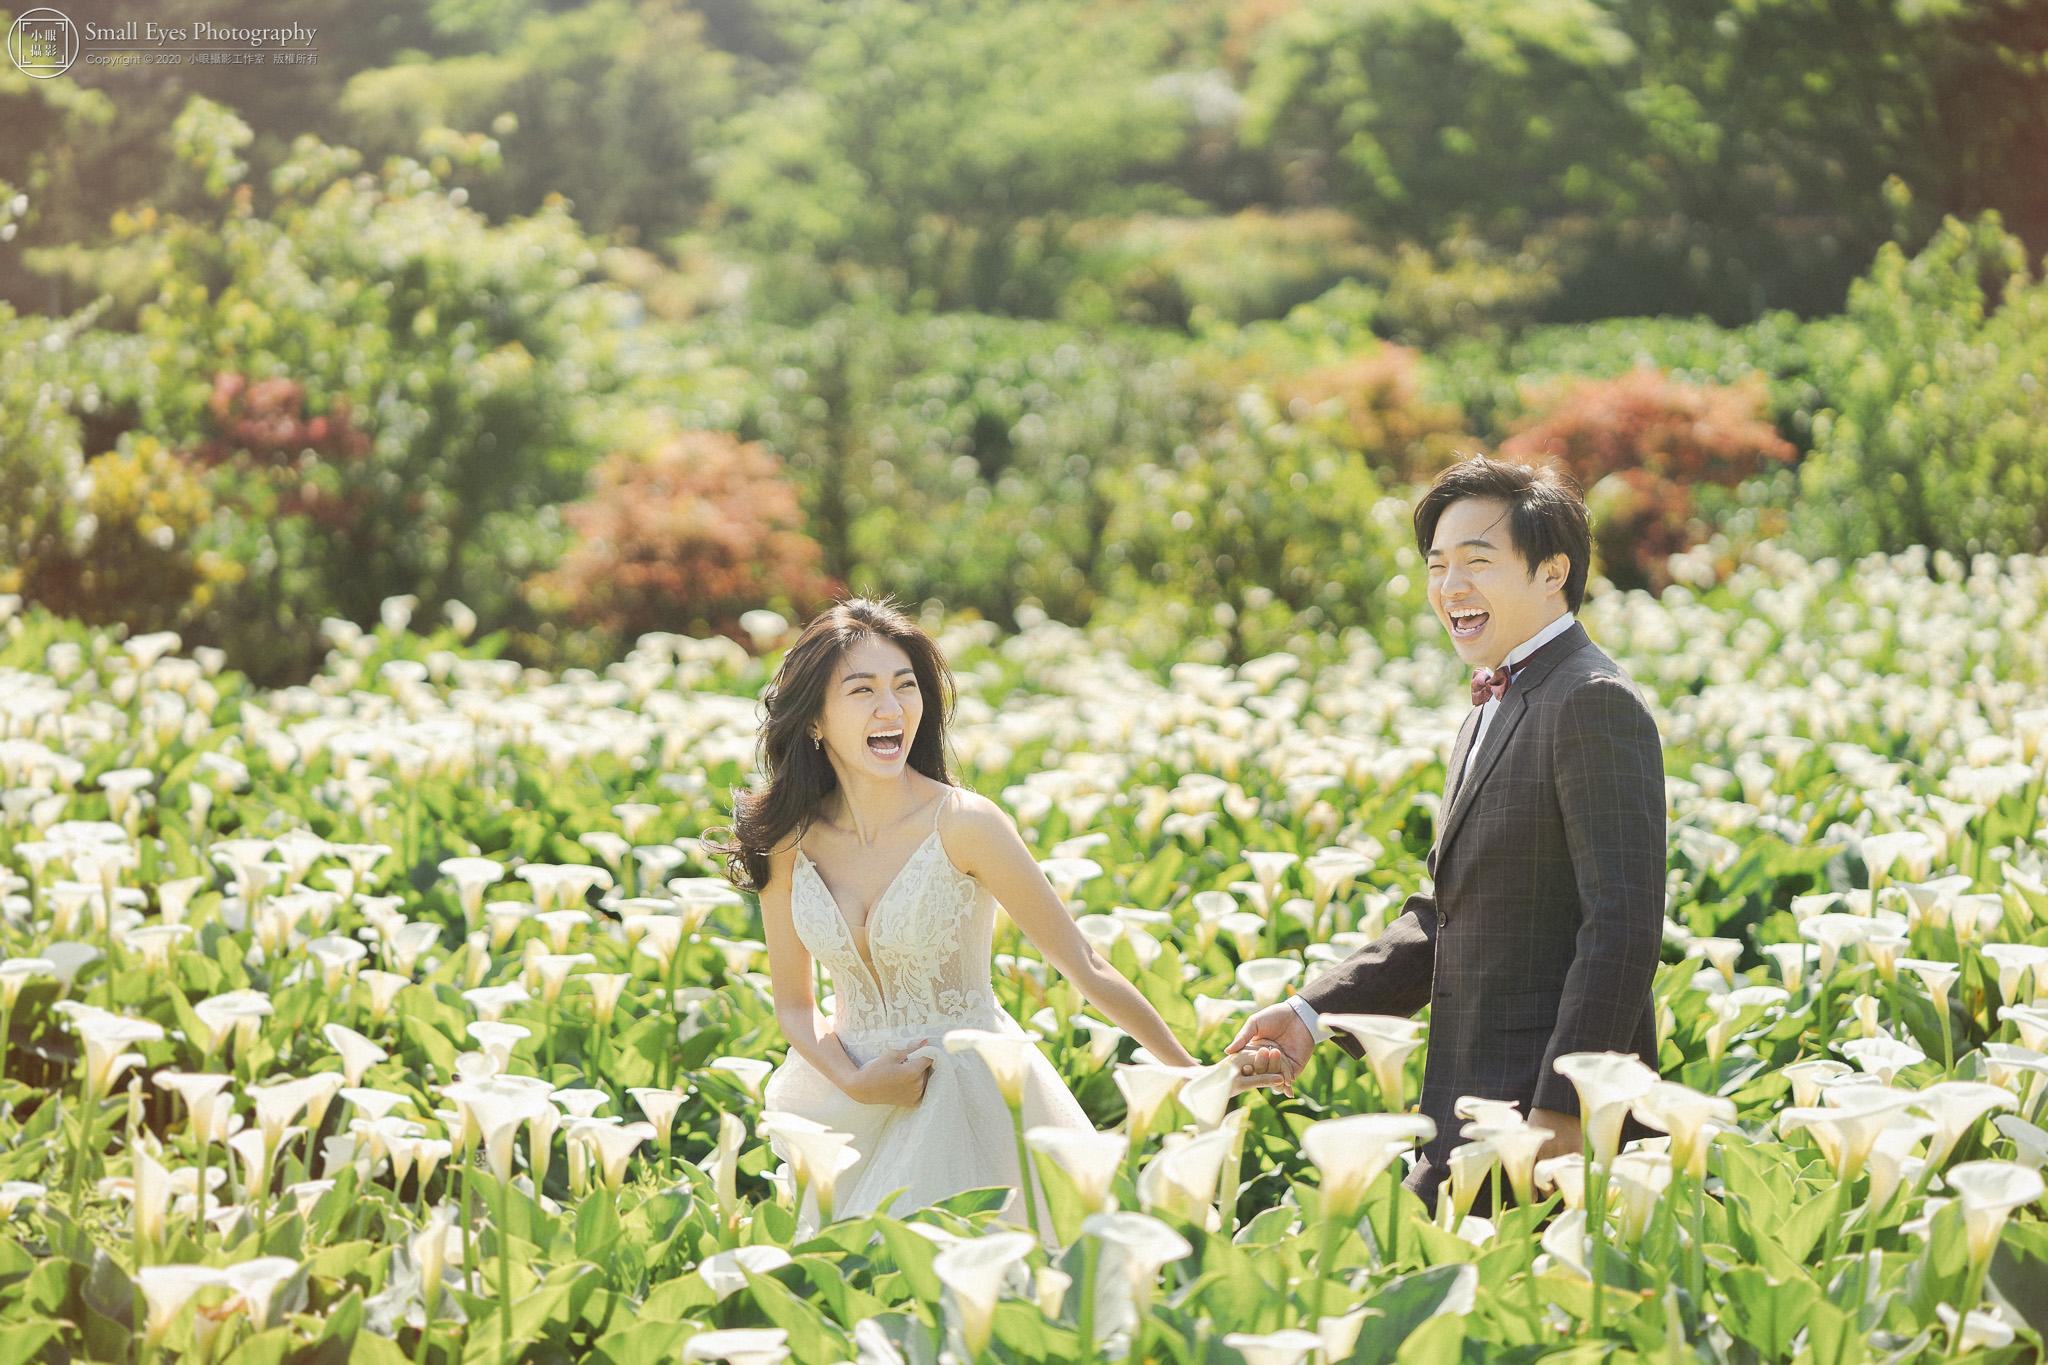 【自助婚紗】婚攝小眼 - Mario&Caitlin 自主婚紗 @陽明山竹子湖